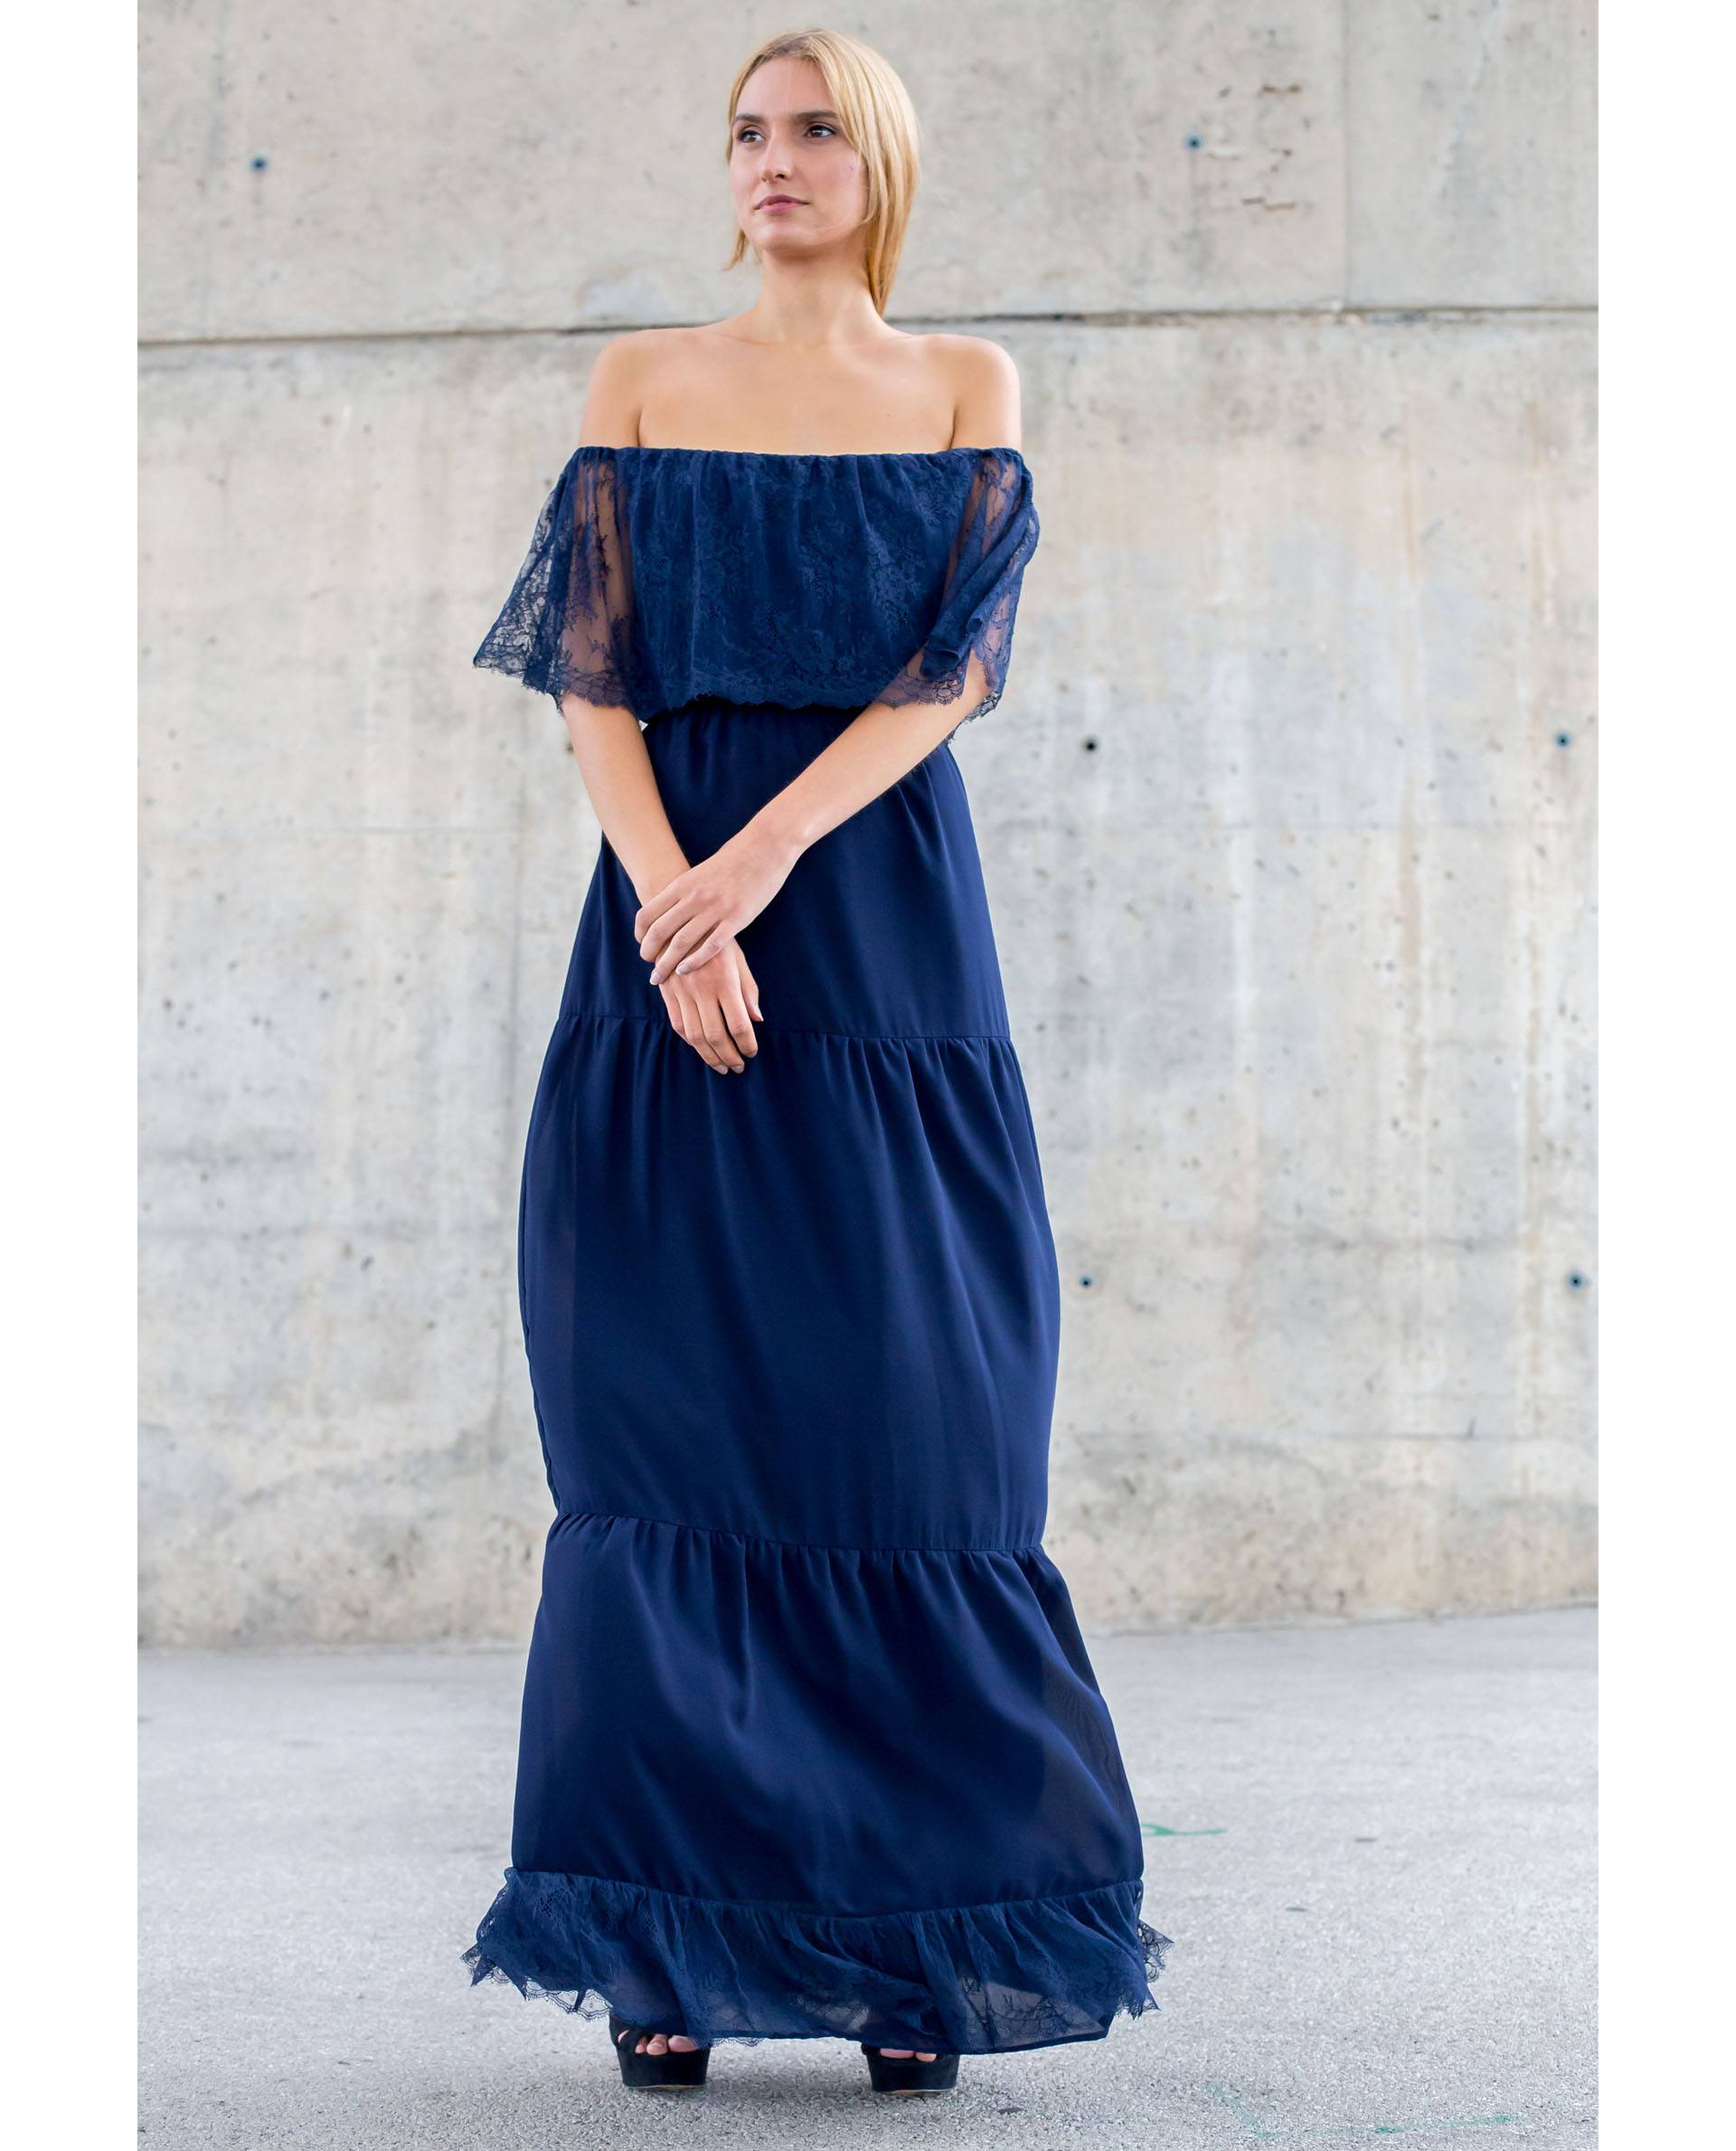 PRÊT À PORTER-SPRING/SUMMER 2018 - FALDAS - Falda esparta de georgette azul marino